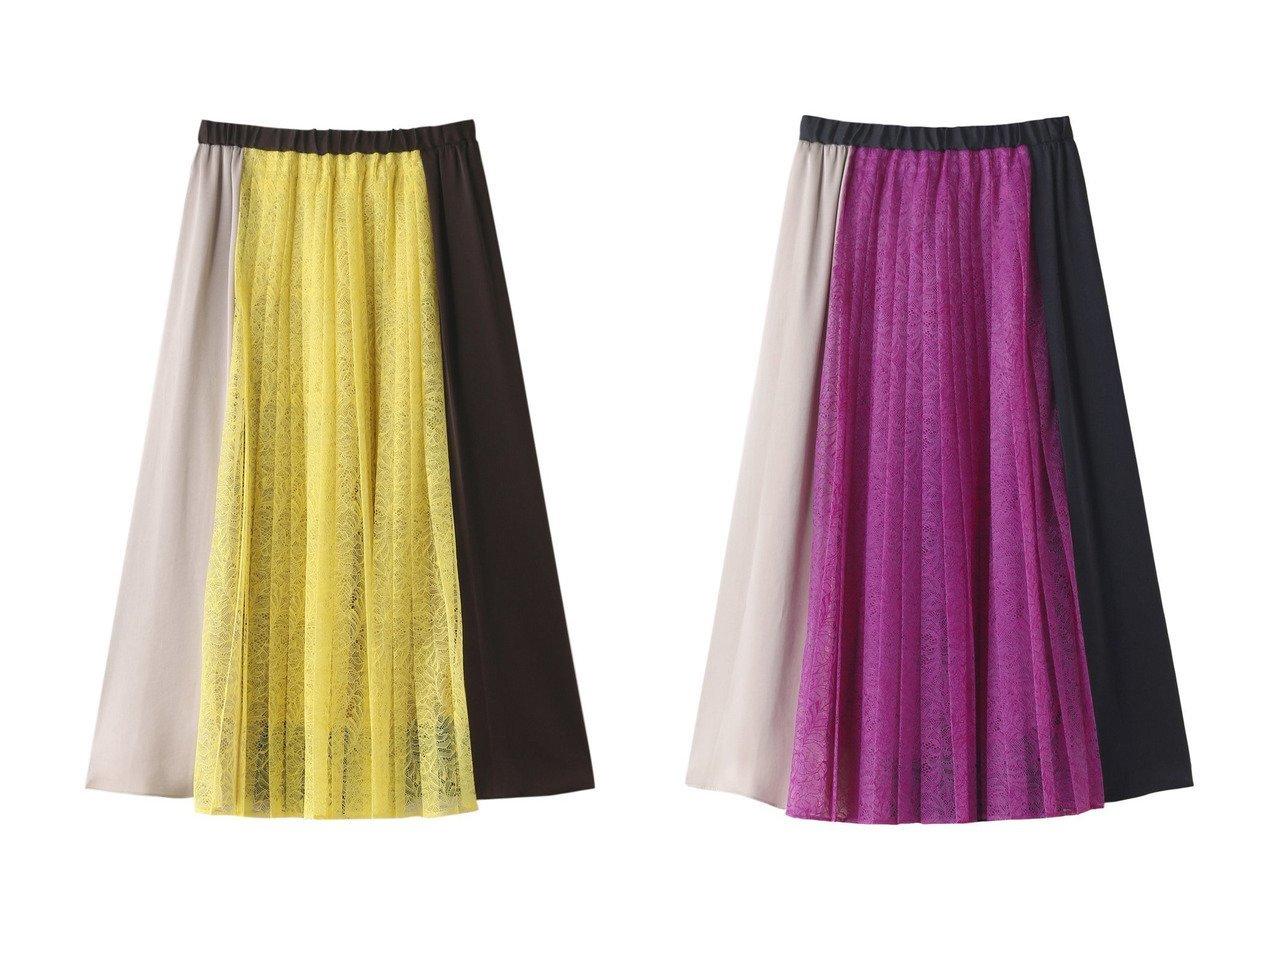 【DESIGN WORKS/デザイン ワークス】のレース×サテン配色スカート 【スカート】おすすめ!人気、トレンド・レディースファッションの通販  おすすめで人気の流行・トレンド、ファッションの通販商品 インテリア・家具・メンズファッション・キッズファッション・レディースファッション・服の通販 founy(ファニー) https://founy.com/ ファッション Fashion レディースファッション WOMEN スカート Skirt 2020年 2020 2020-2021秋冬・A/W AW・Autumn/Winter・FW・Fall-Winter/2020-2021 2021年 2021 2021-2022秋冬・A/W AW・Autumn/Winter・FW・Fall-Winter・2021-2022 A/W・秋冬 AW・Autumn/Winter・FW・Fall-Winter サテン レース  ID:crp329100000062286